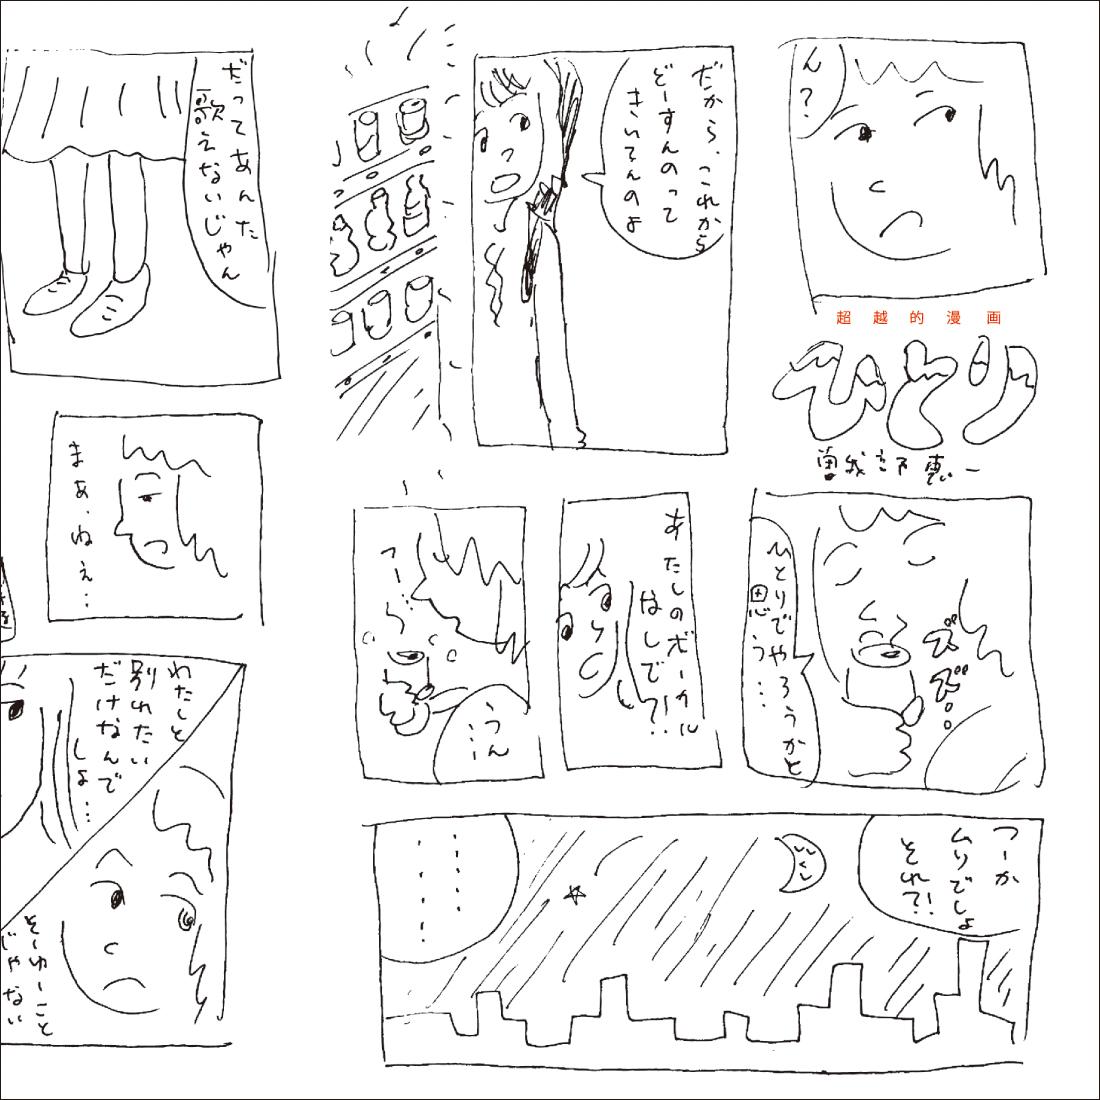 曽我部恵一 新聞レビュー掲載情報